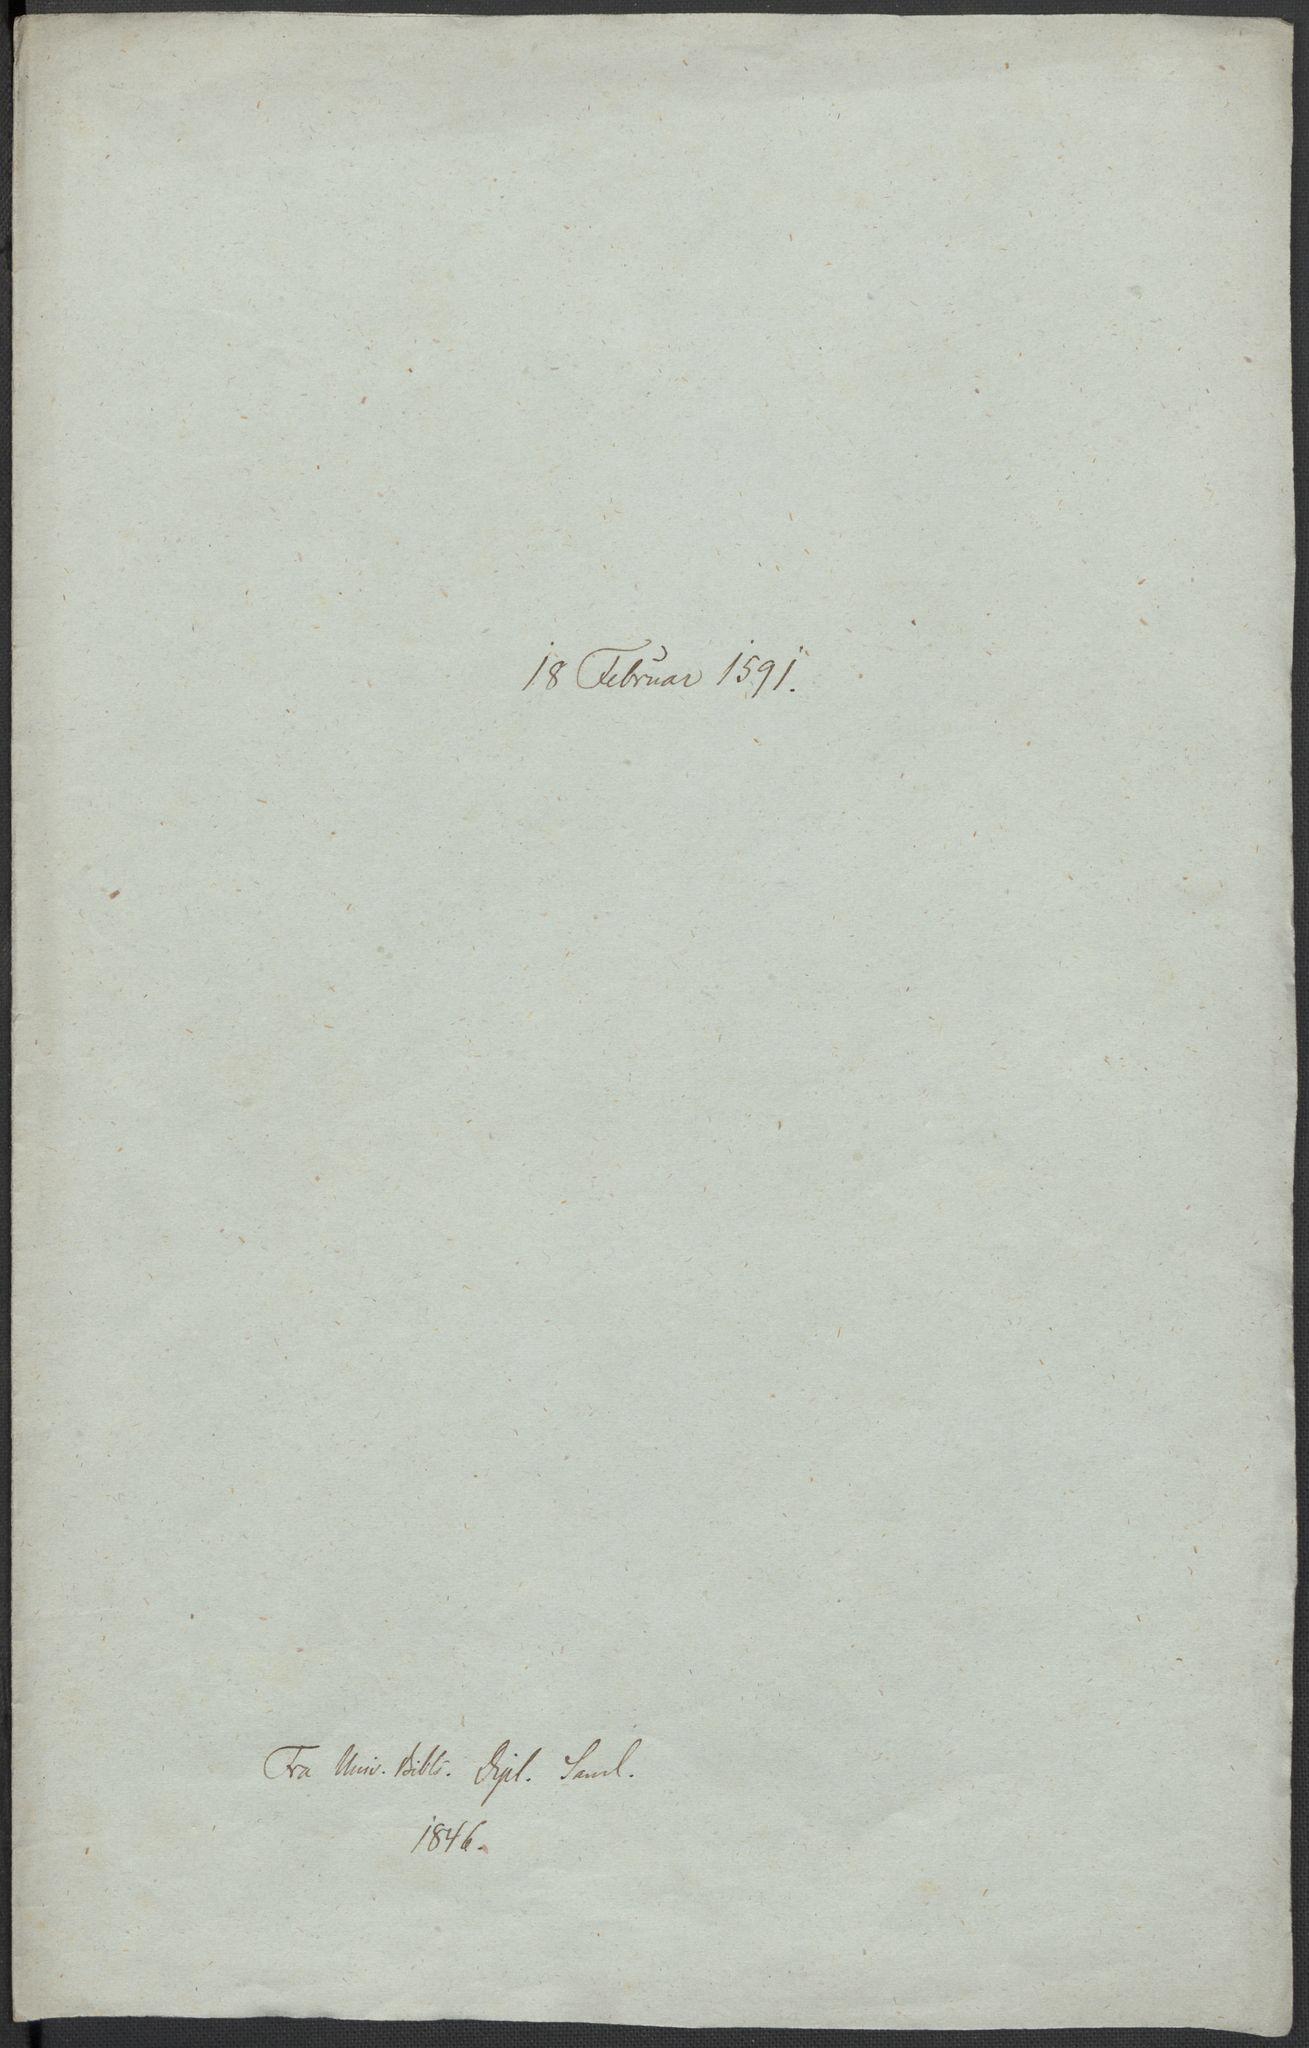 RA, Riksarkivets diplomsamling, F02/L0093: Dokumenter, 1591, s. 29